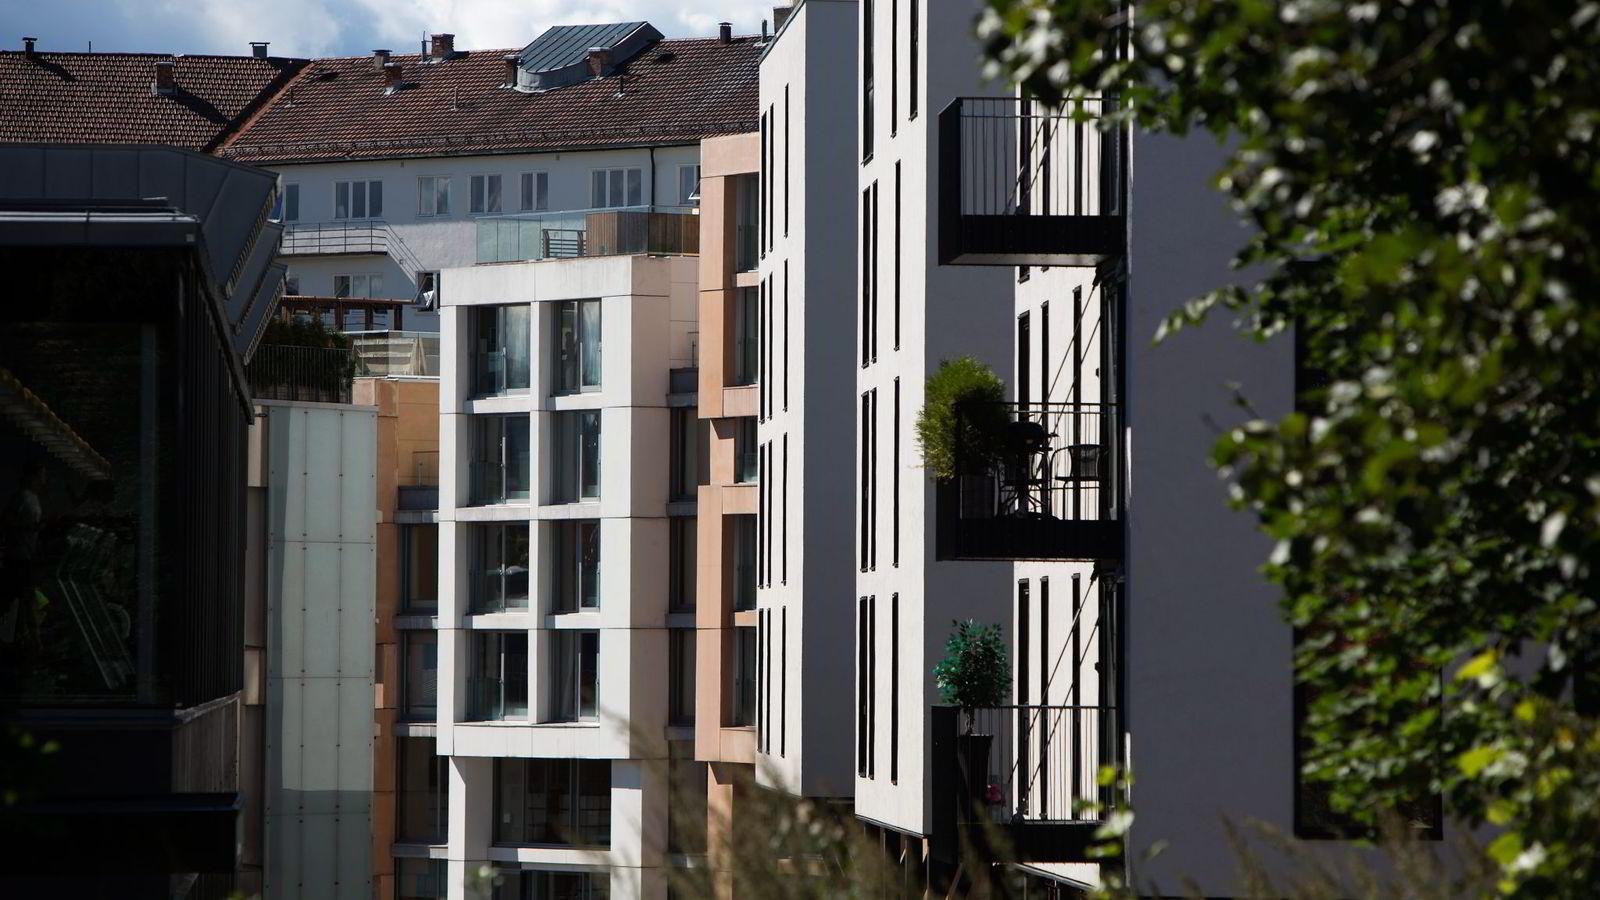 Jeg mener at kommunen har rett til å sette slikt vilkår. Boligeiere som ilegges eiendomsskatt bør derfor tenke seg om to ganger før de takker ja til Løfsgaard og andre advokaters invitasjoner til gruppesøksmål, skriver artikkelforfatteren. Foto: